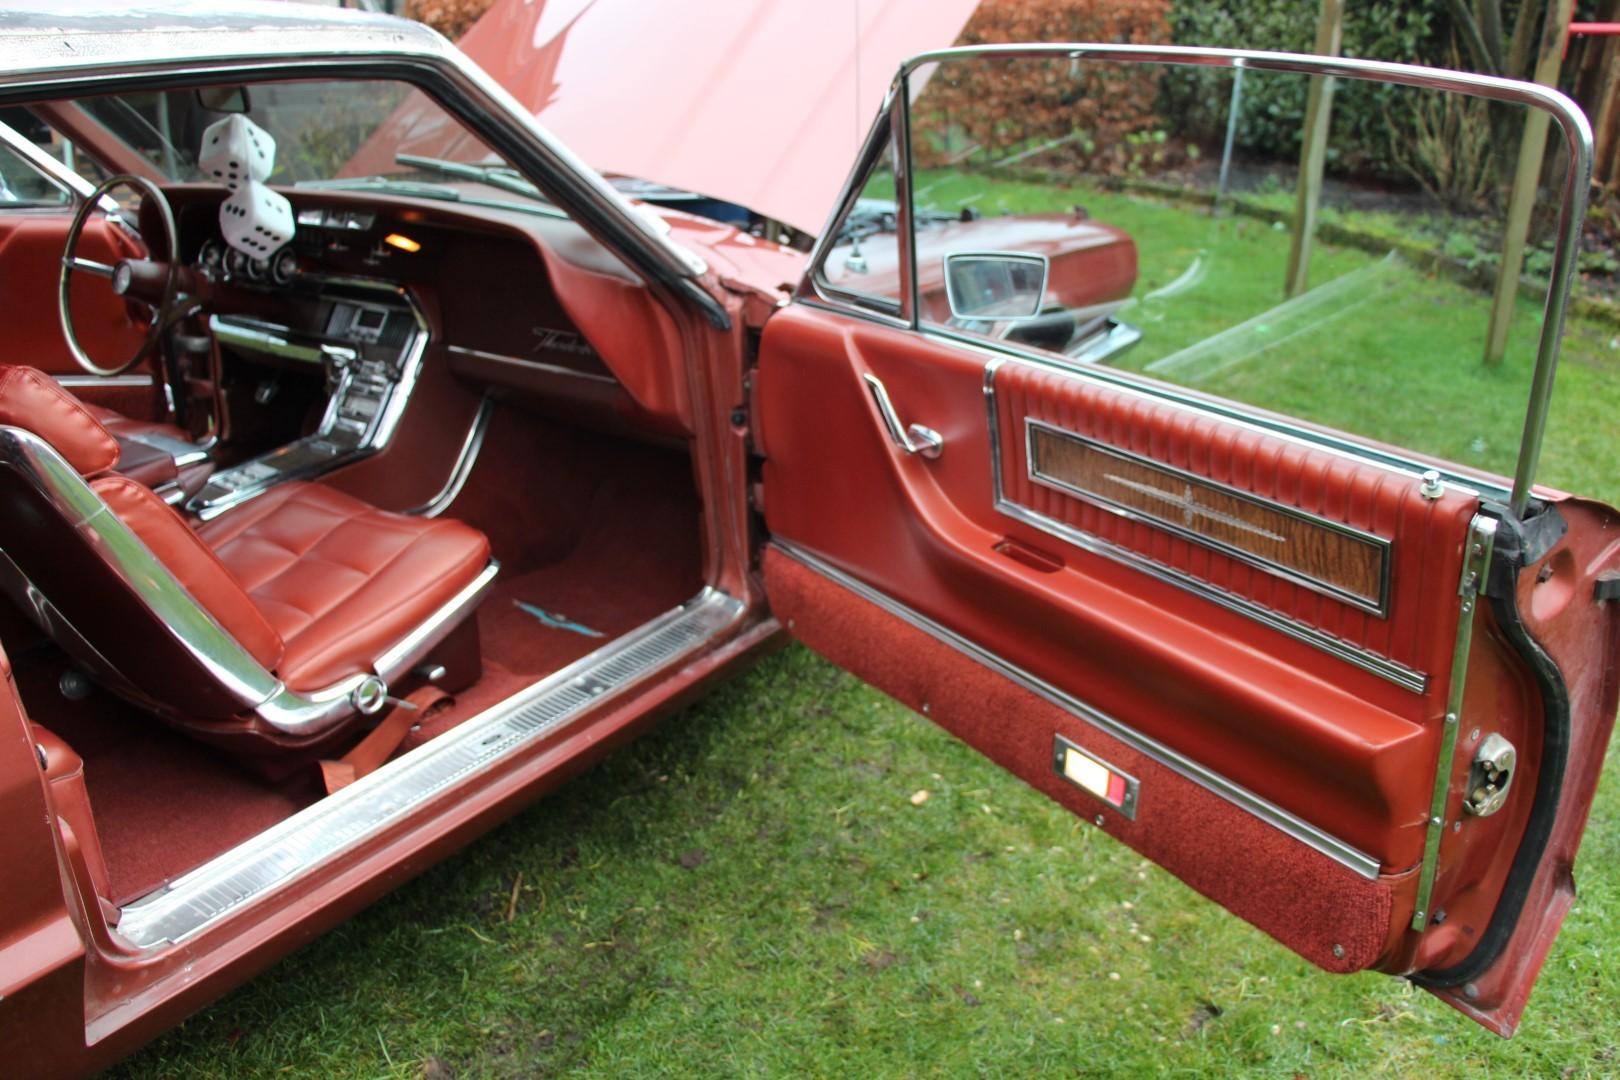 1966 Ford Thunderbird Town Landau 428 - emberglow (5)